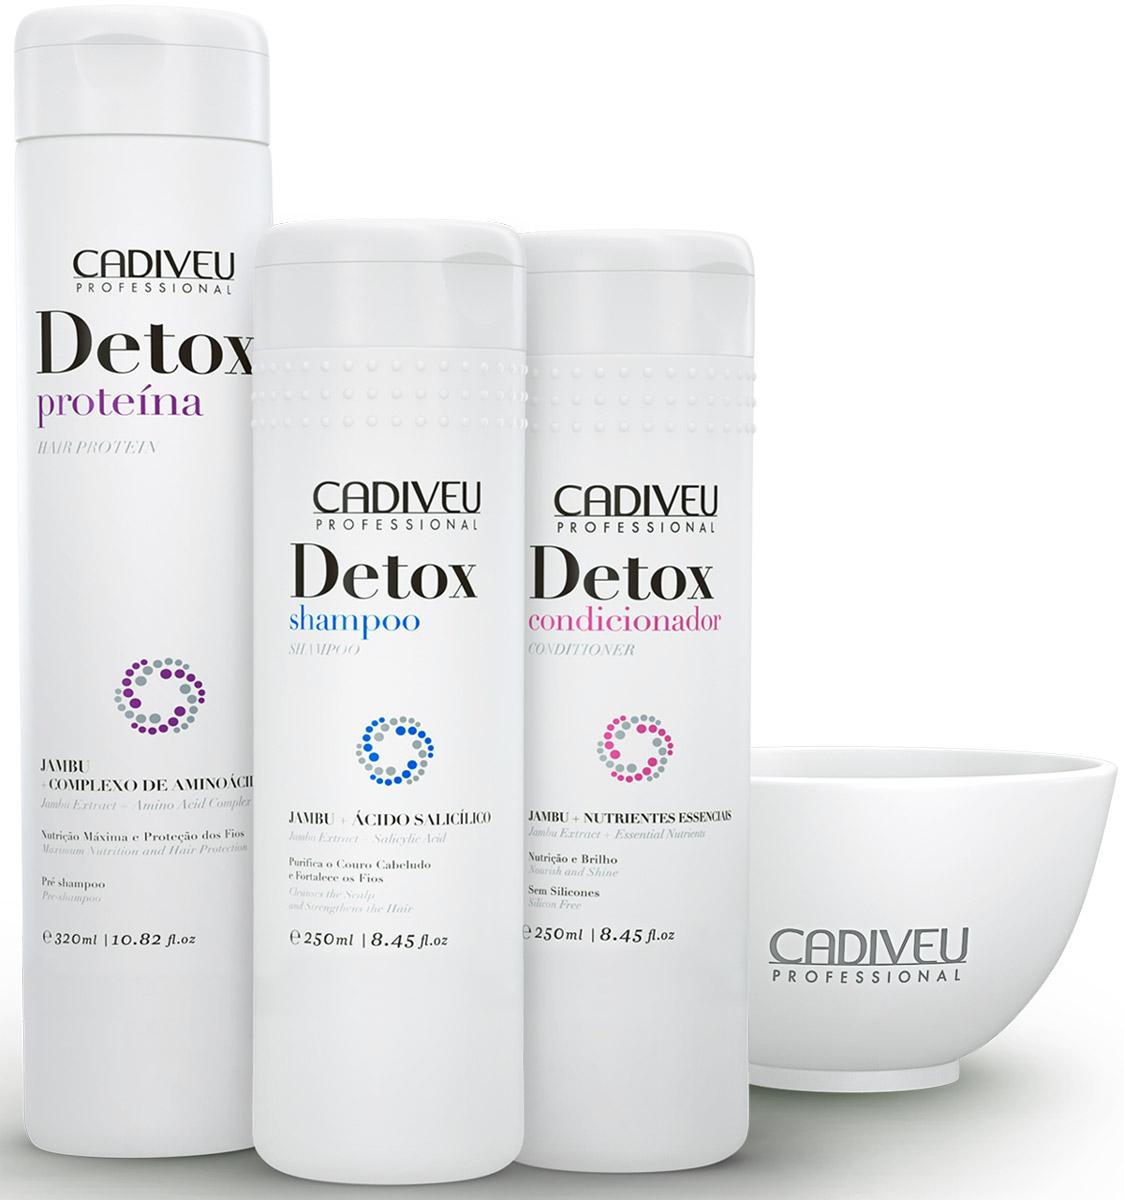 Cadiveu Набор для волос Detox Kit Home Care (3 products + small bowl)PA0007_наборПроцедура Detox Cadiveu способна вдохнуть новую жизнь в уставшие, потерявшие блеск волосы. Это идеальное средство для воскрешения очень поврежденных волос, которым необходимо восстановление и интенсивное увлажнение. После курса процедур Detox Сadiveu ваши волосы как будто наполняются энергией изнутри!